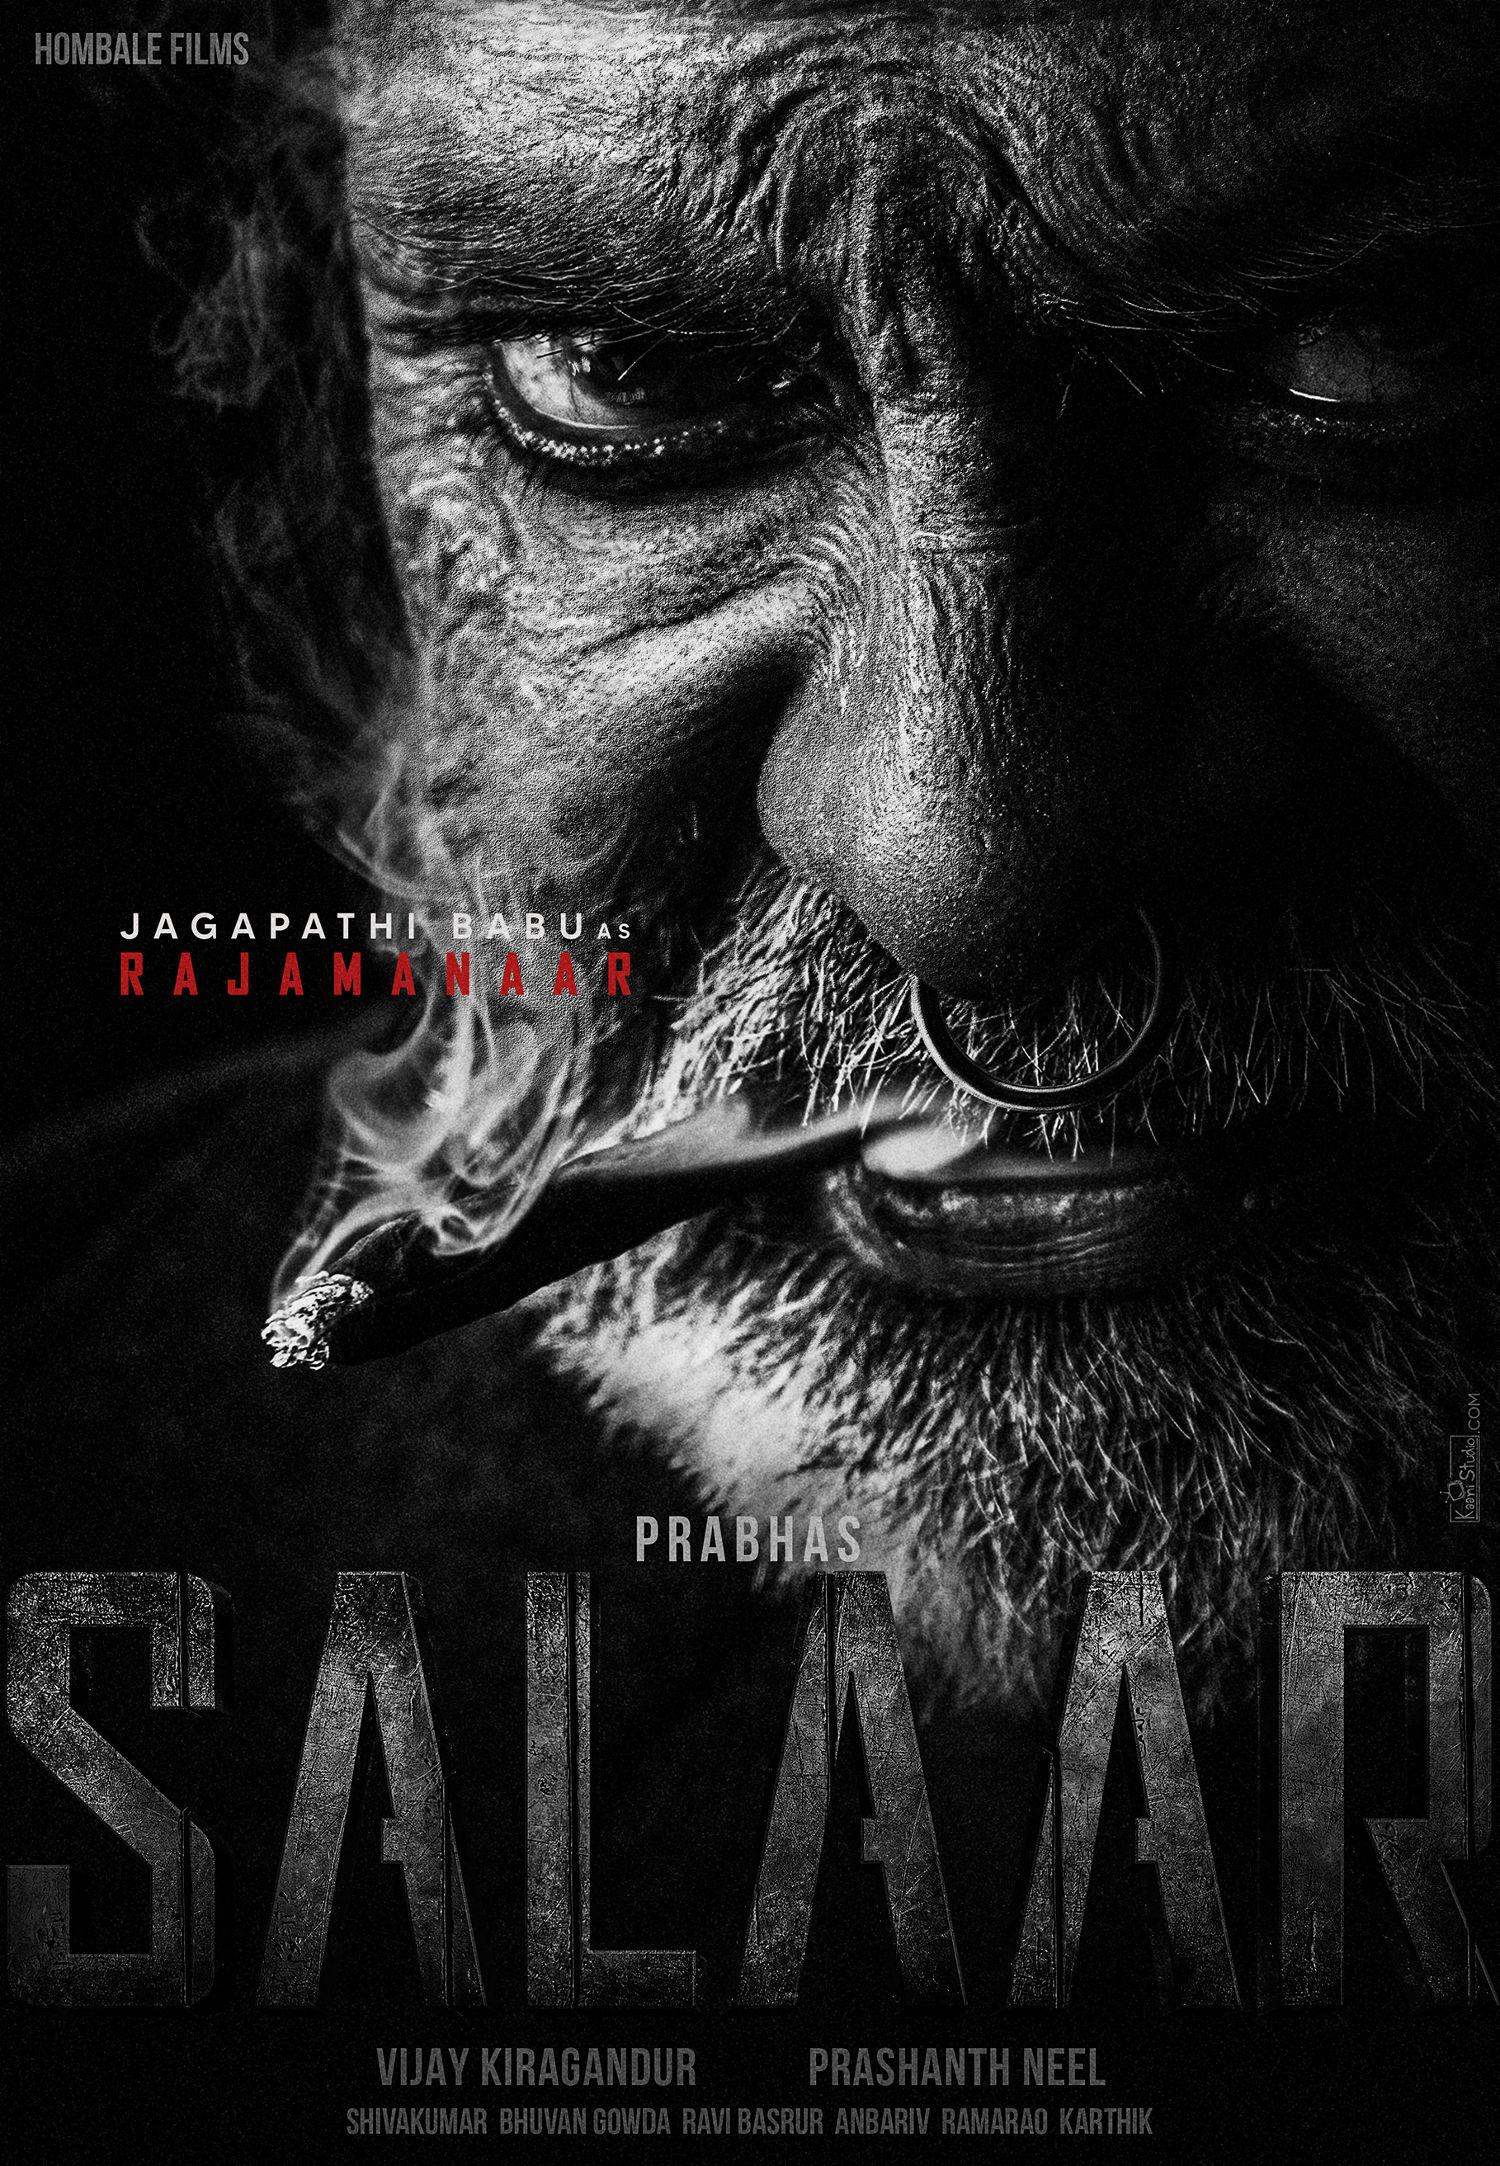 Actor Jagapathi Babu as Rajamanaar in SALAAR Movie HD Poster